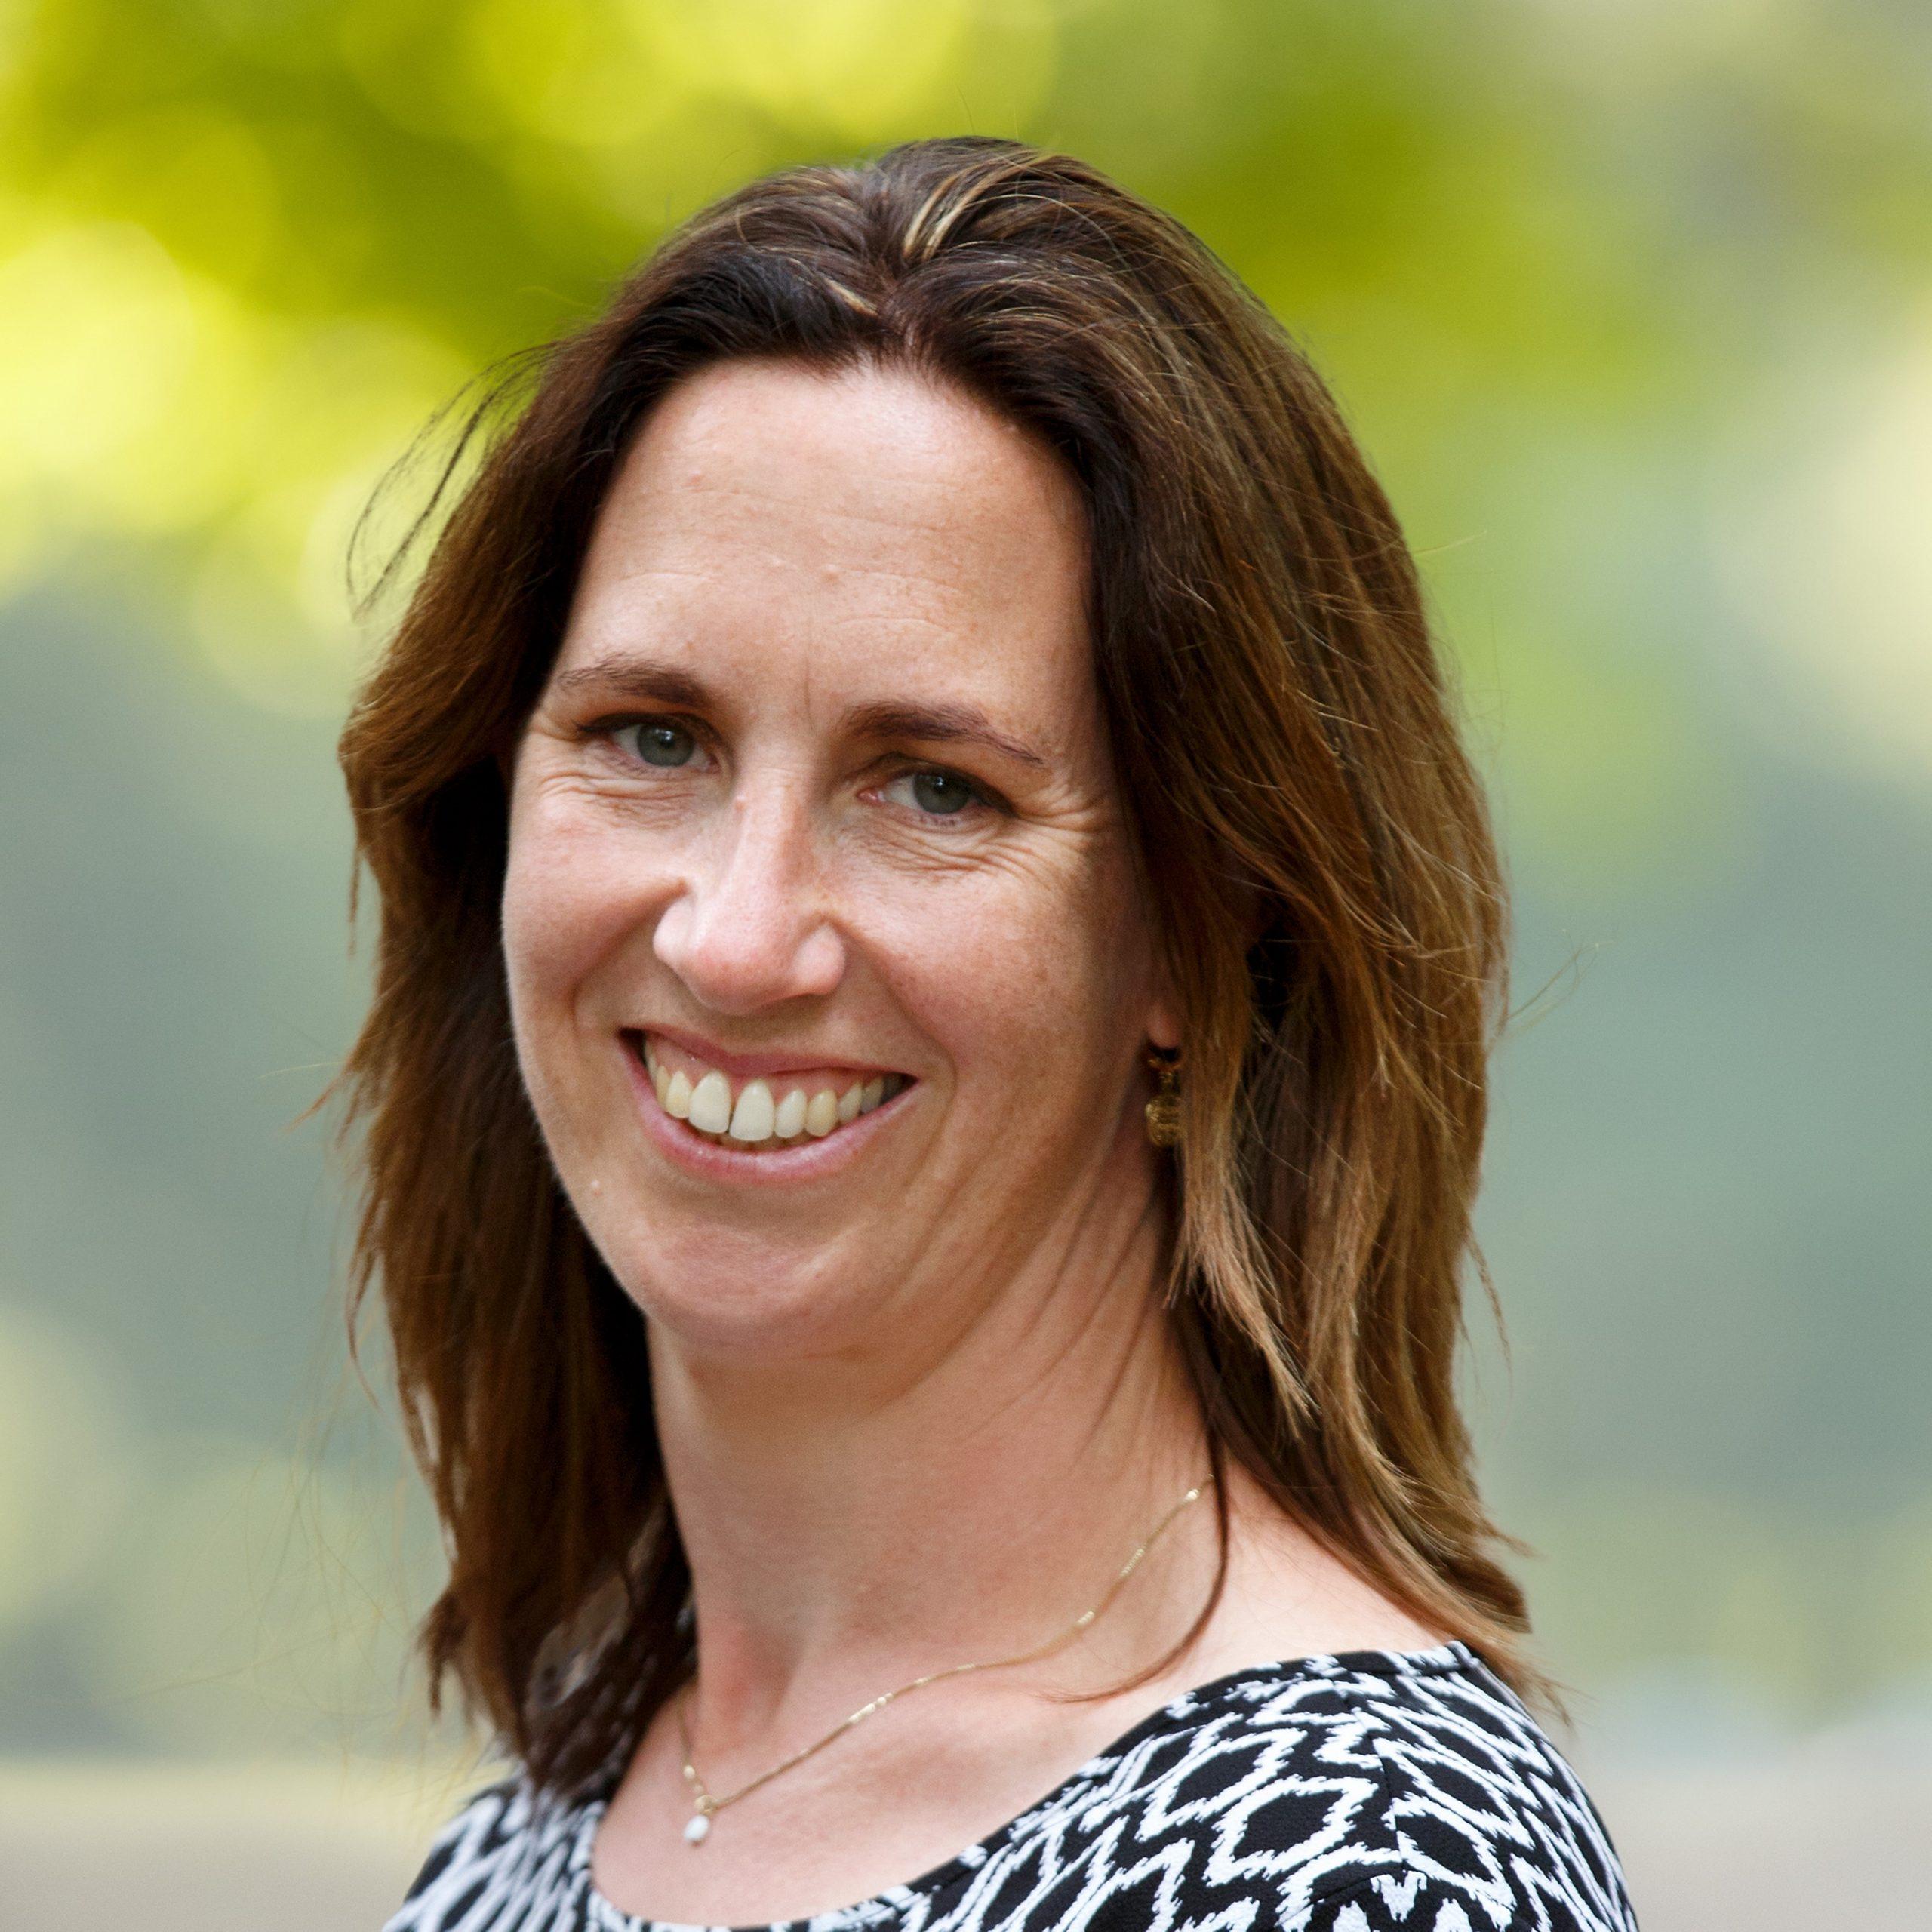 Sonja Kluin